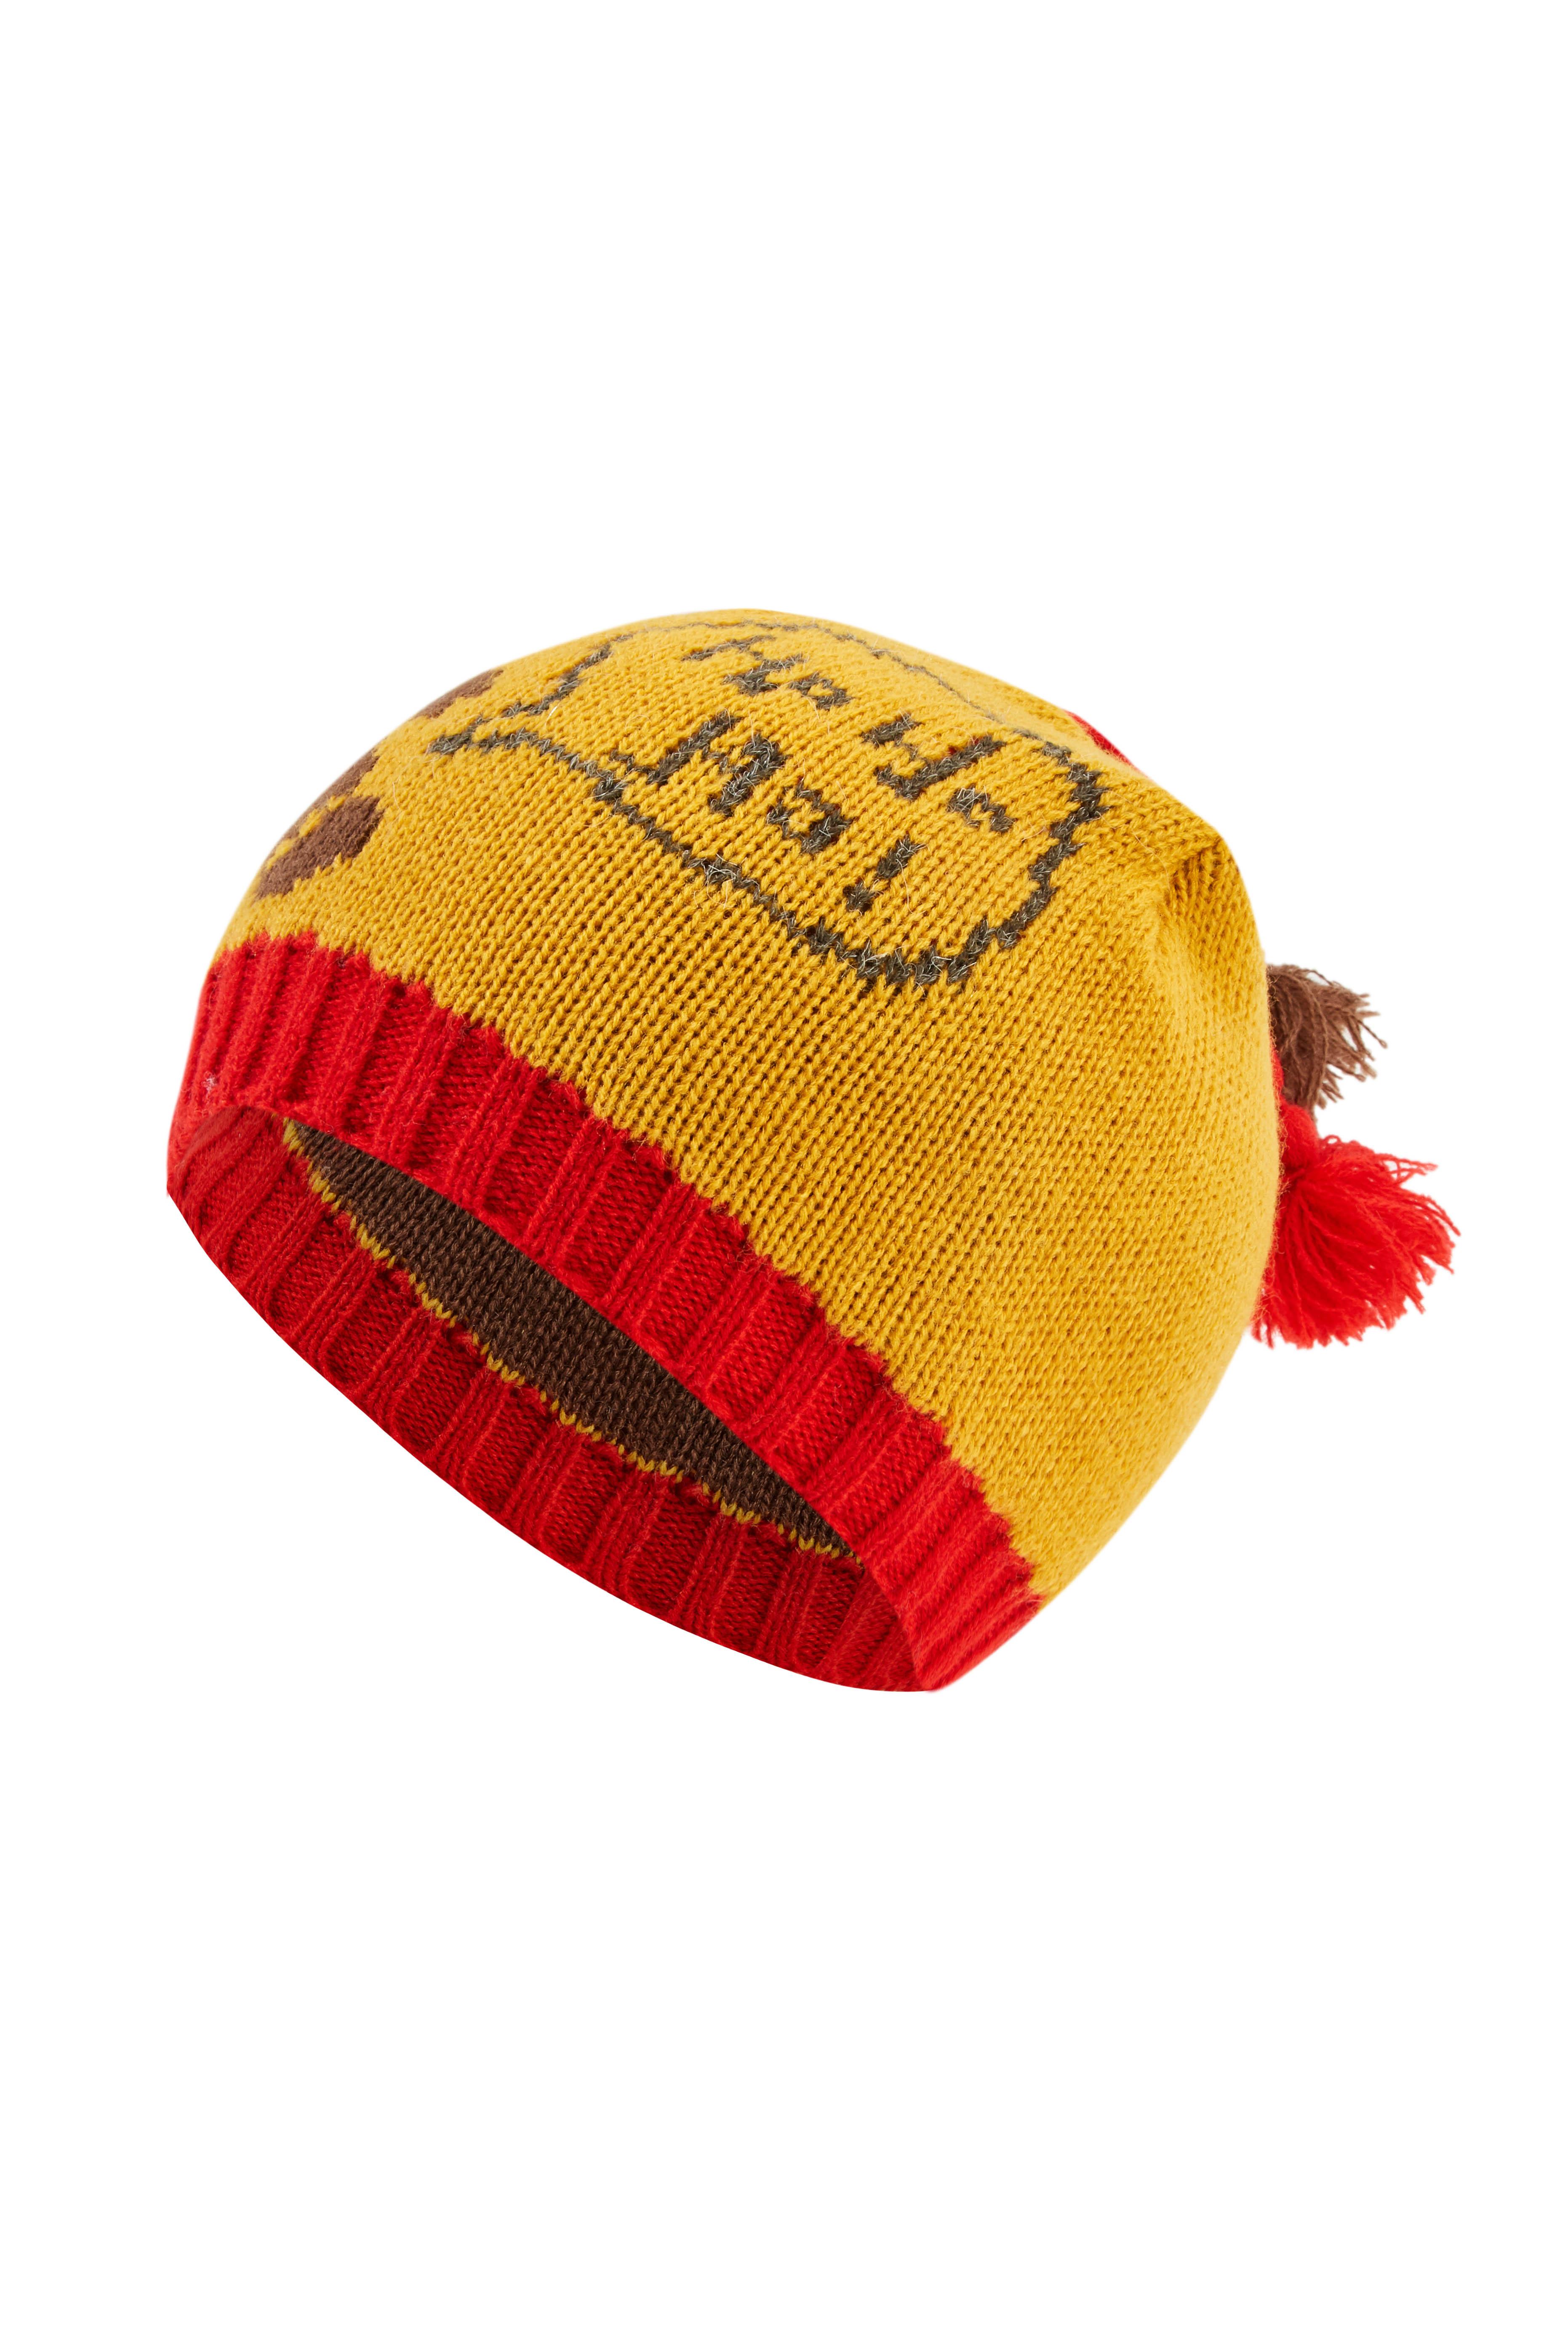 Kids' Christmas Cute Hat Jacquard Beanie Cap